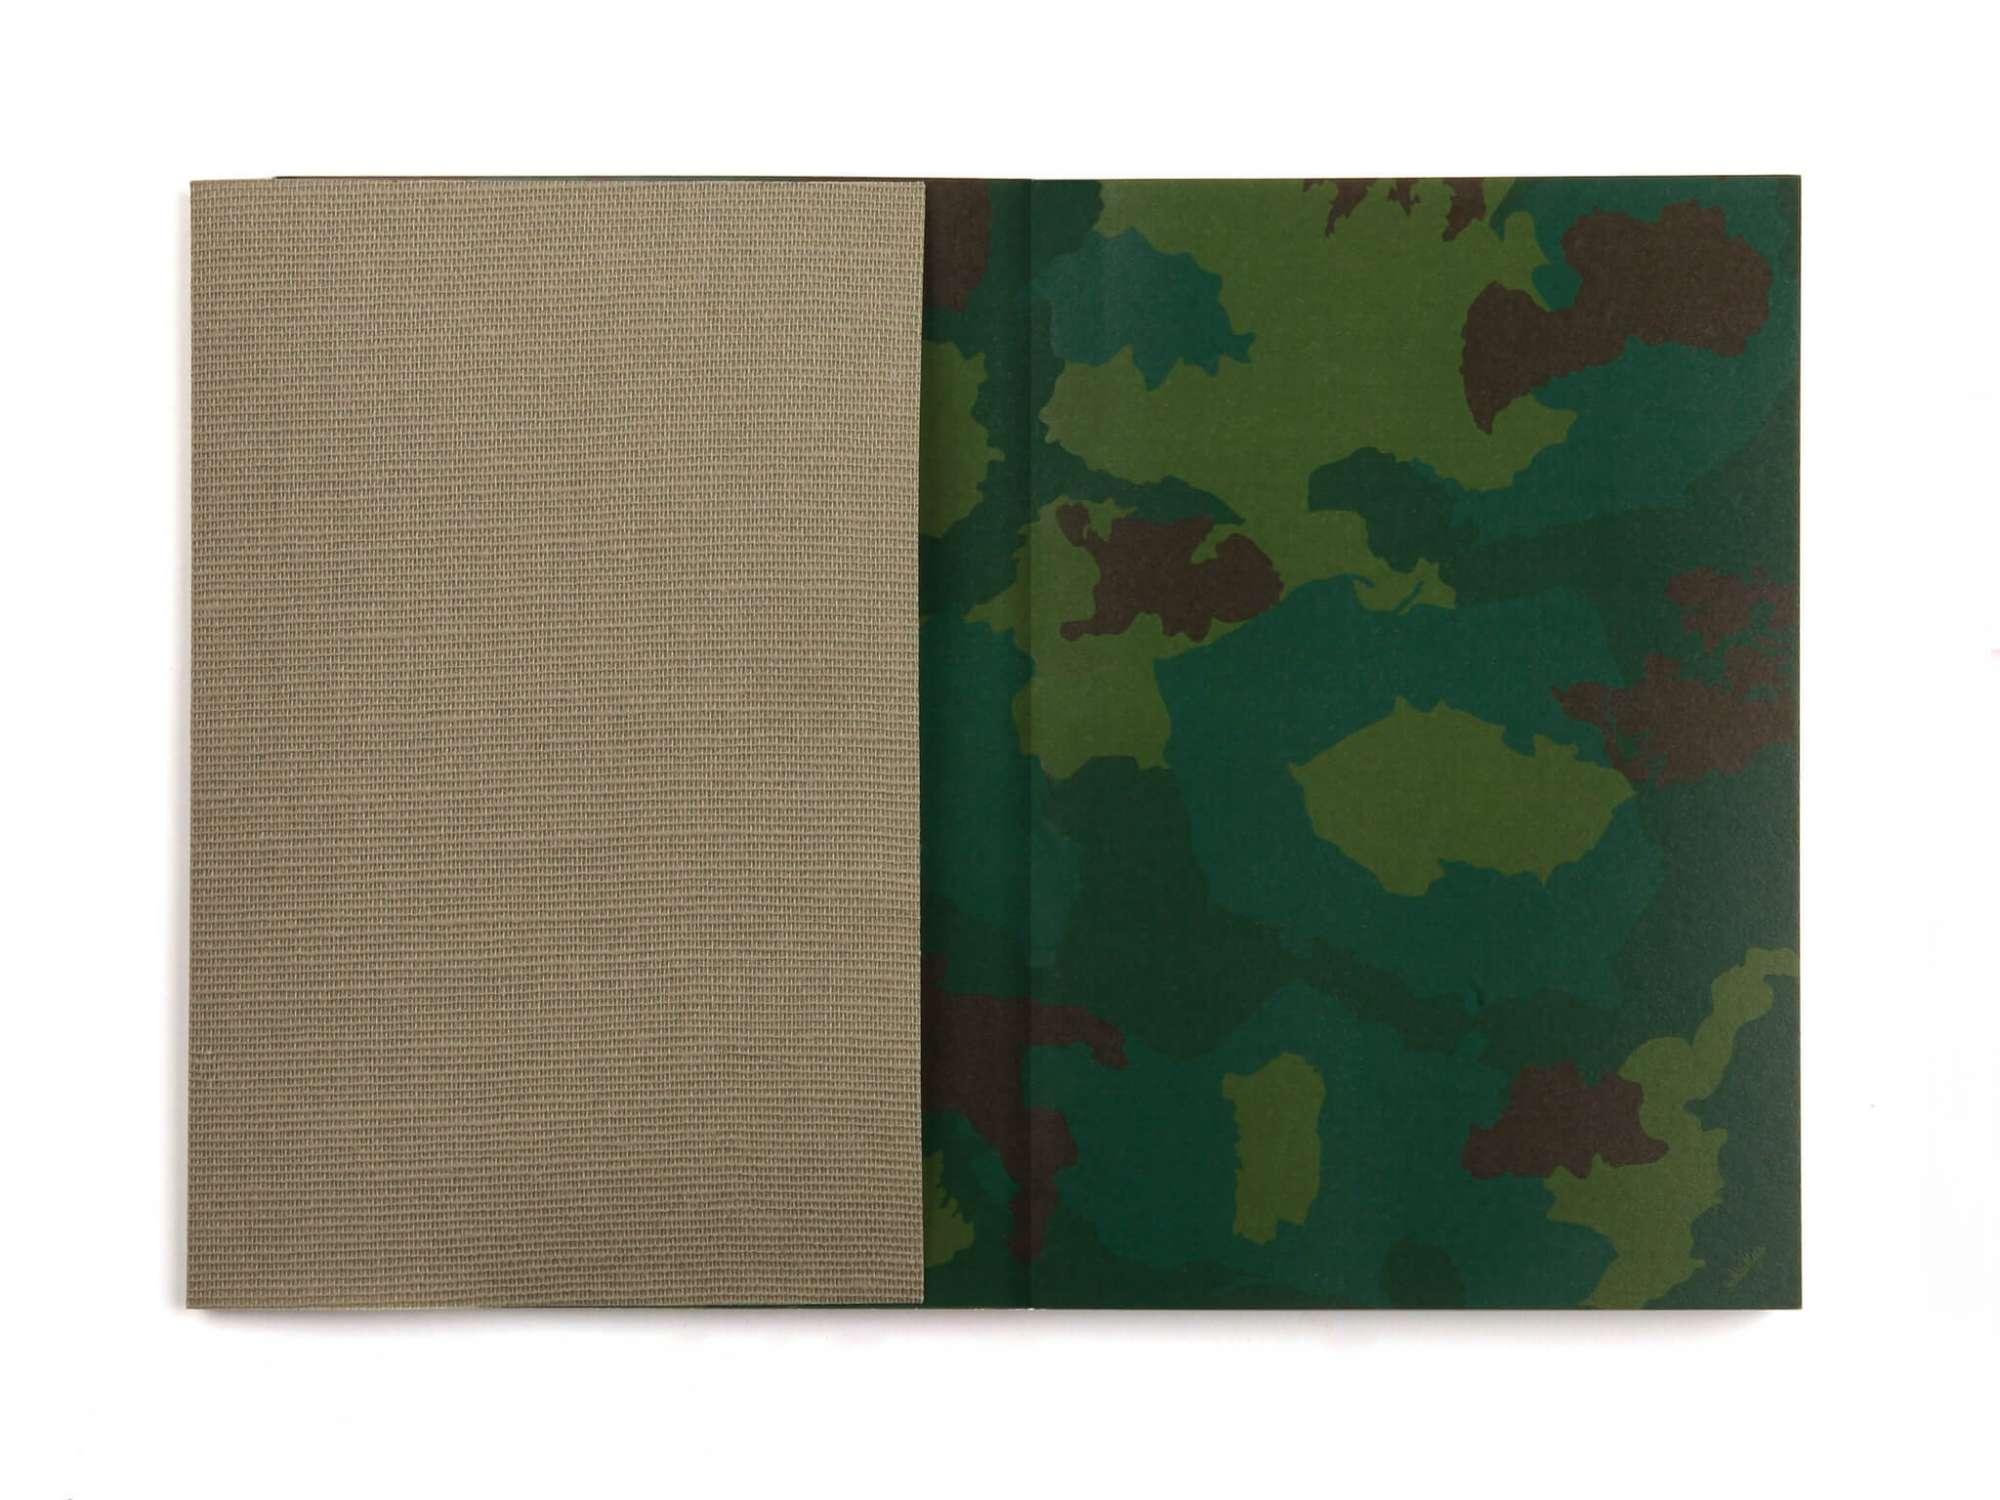 Carnet Ichetkar Camo, Camouflages du combattant pour inscriptions secrètes à ne pas dévoiler.